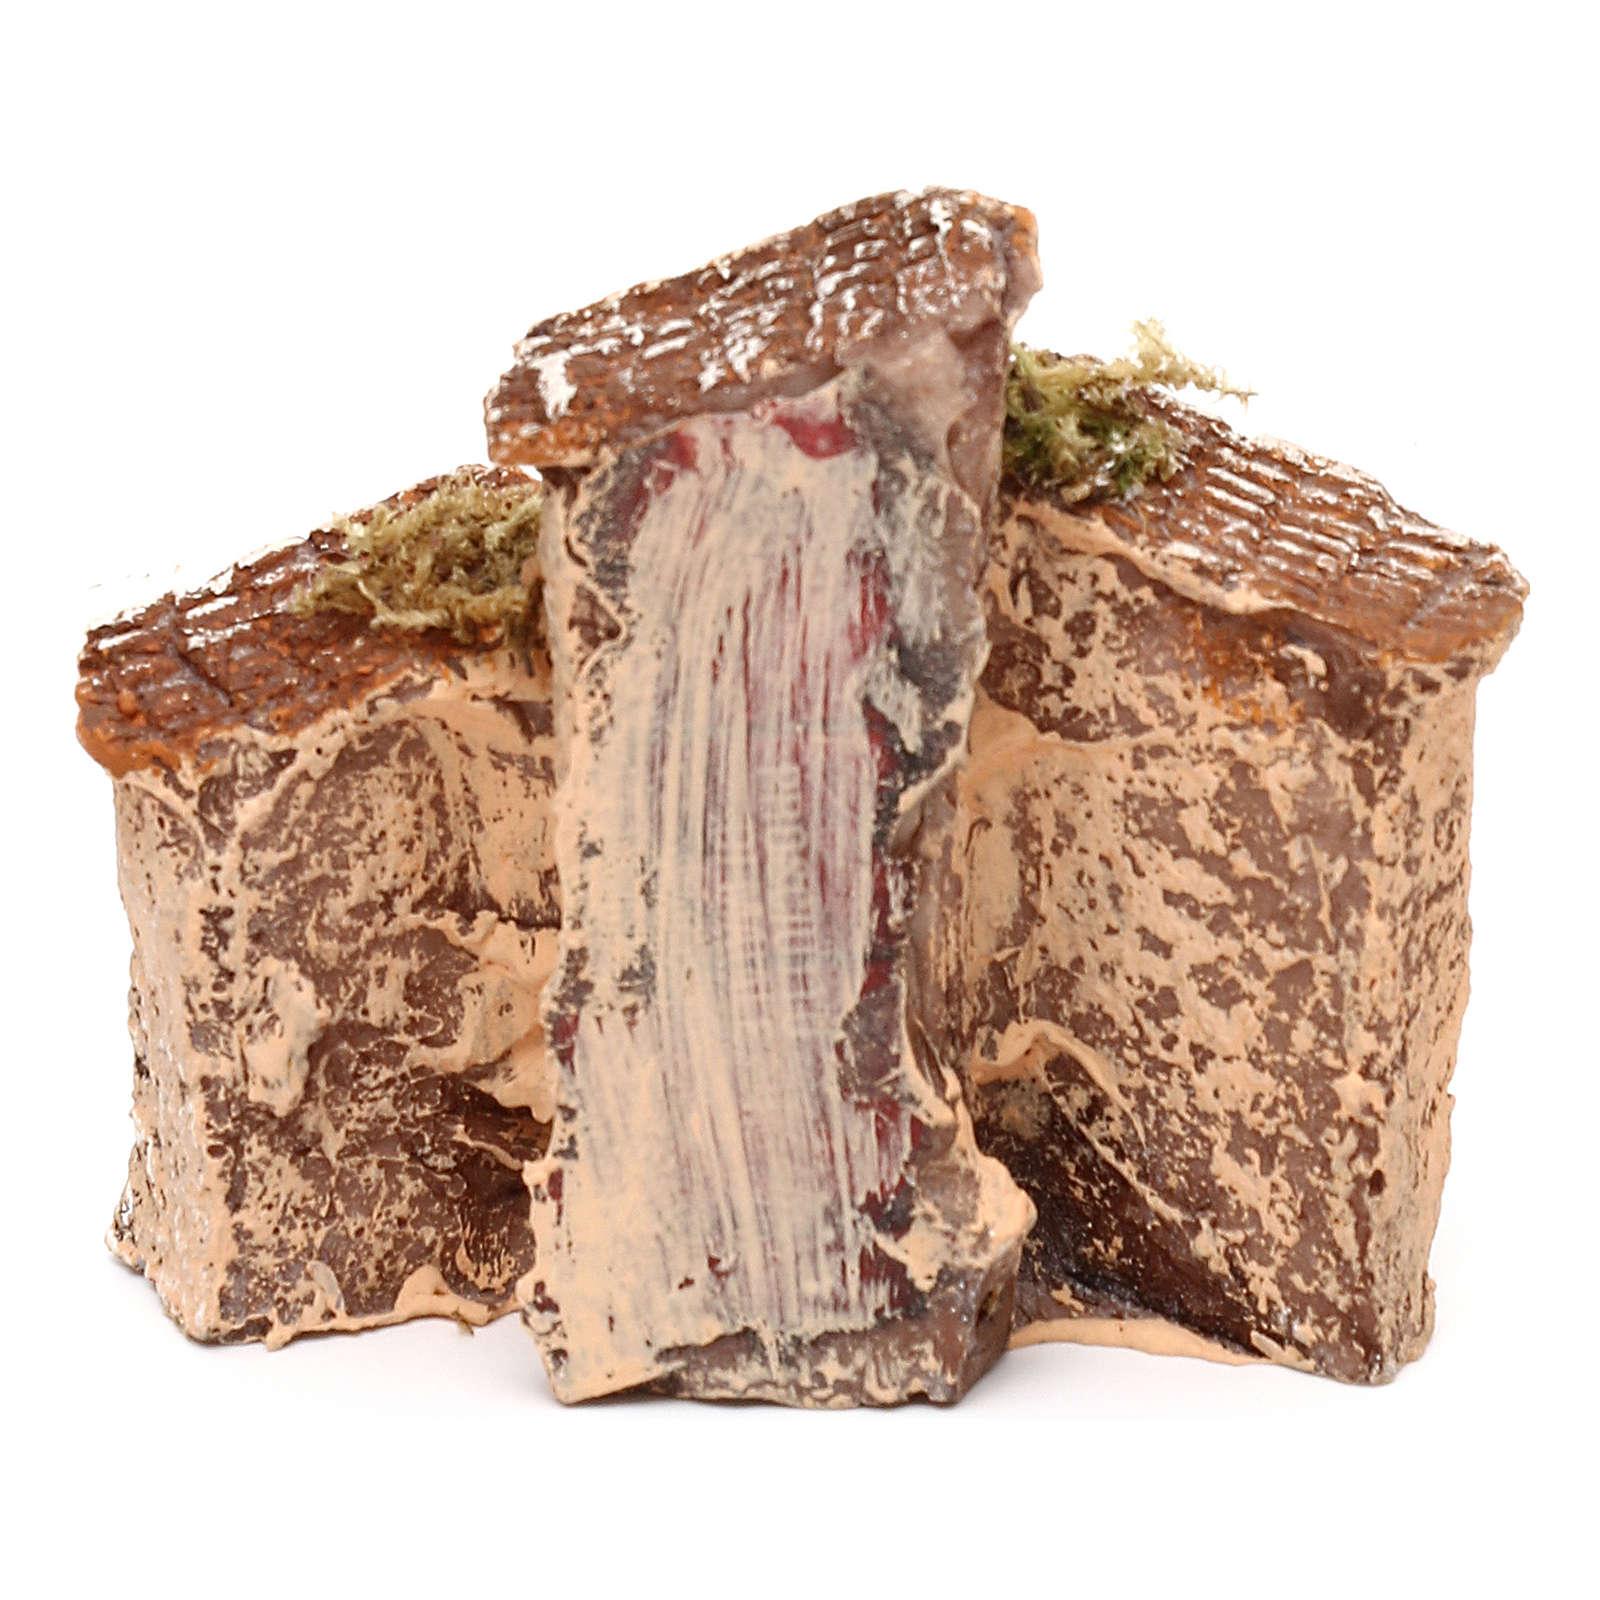 Casita de resina con torre 5x5x5 cm belén napolitano 3-4 cm 4